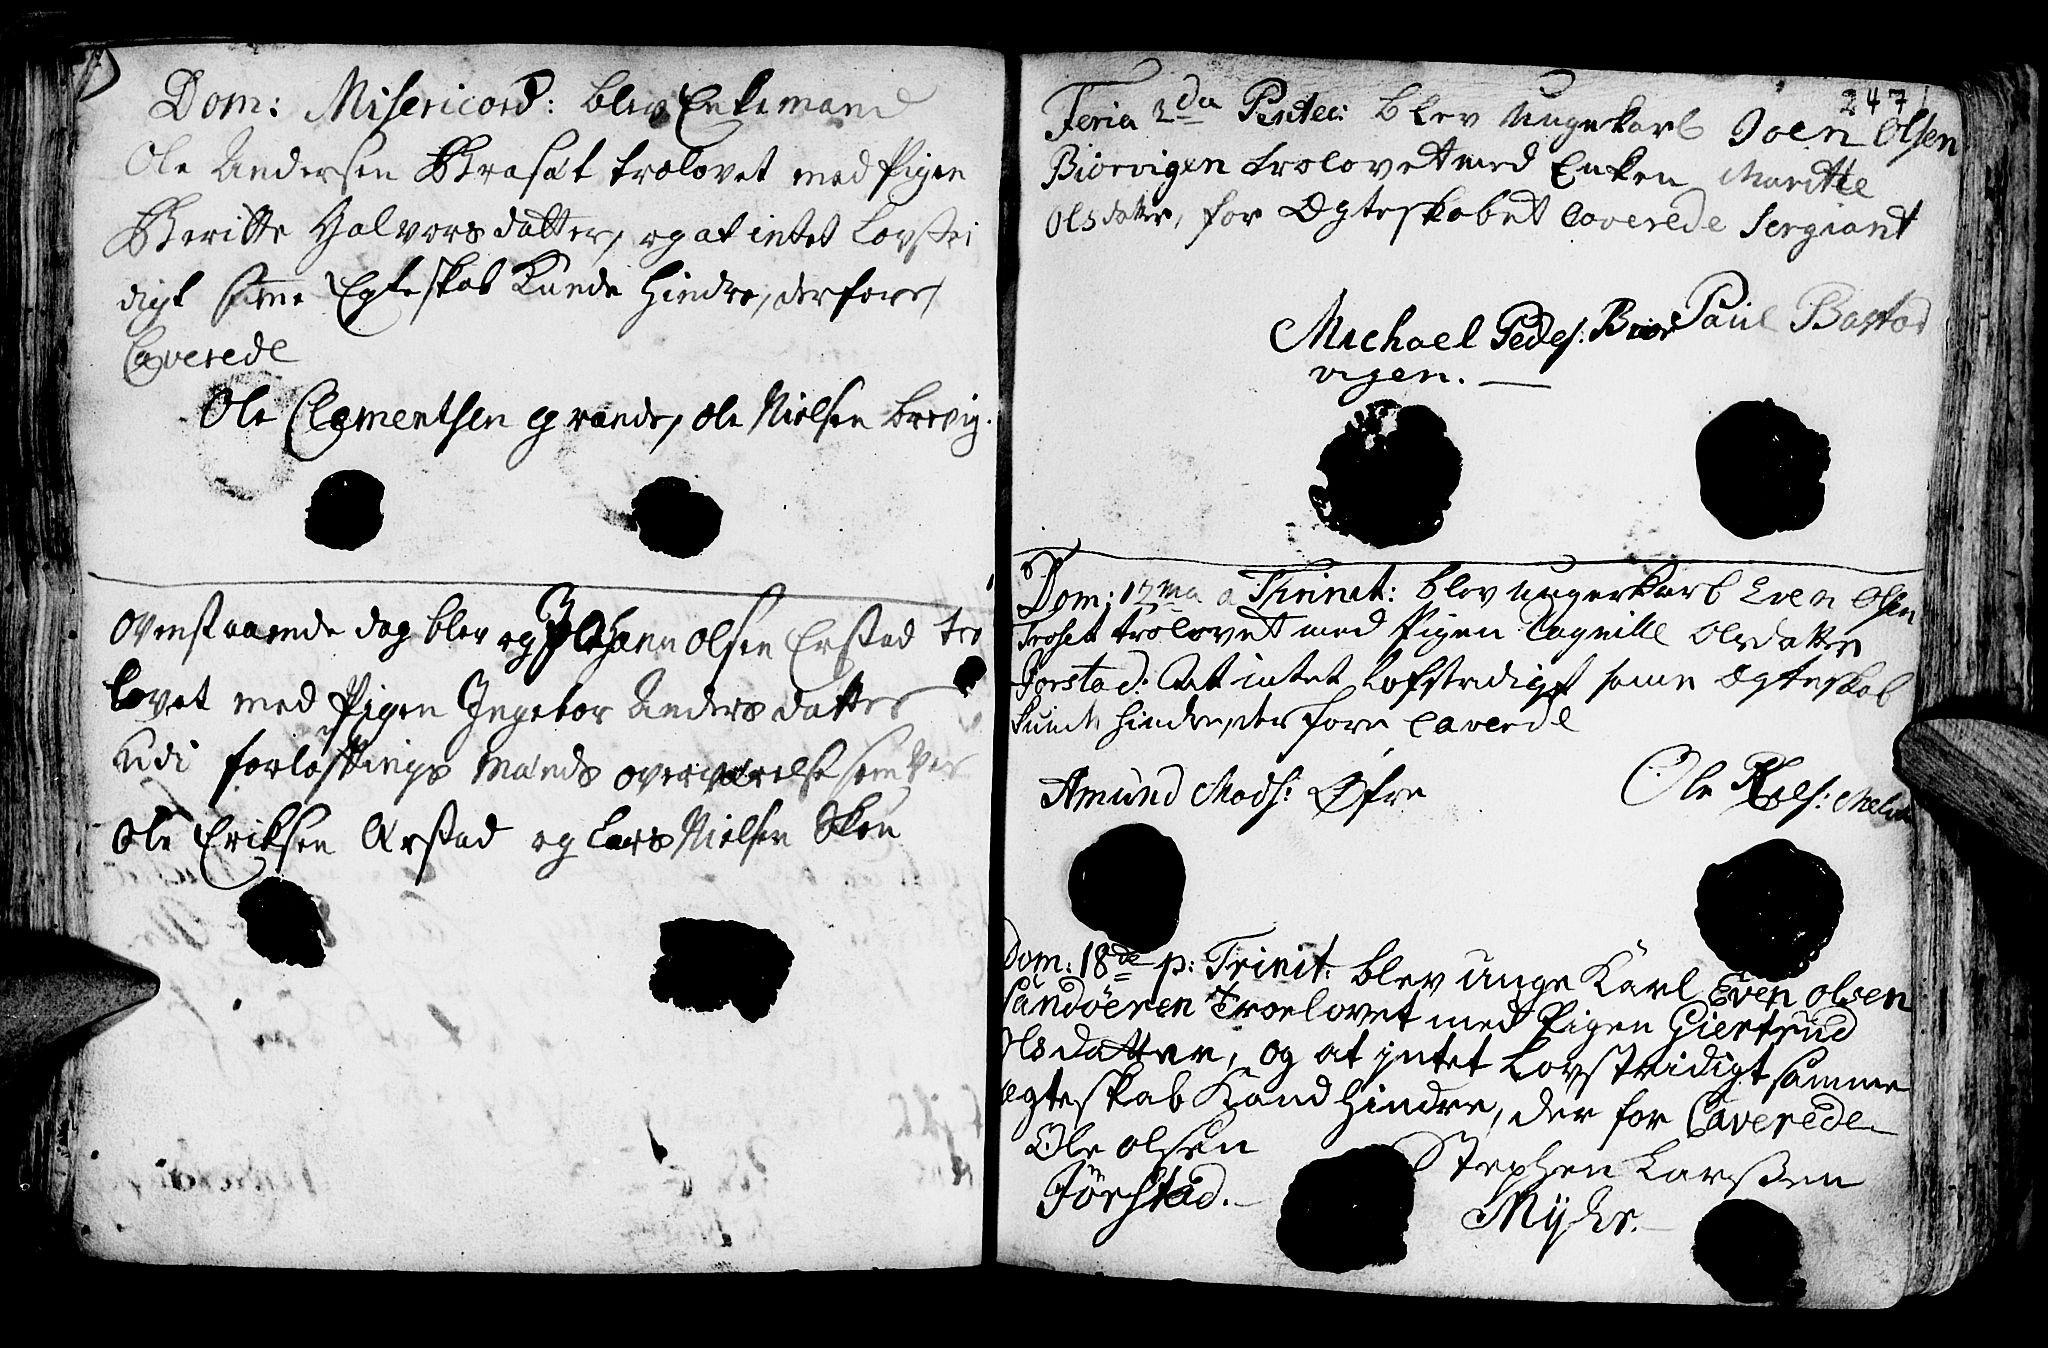 SAT, Ministerialprotokoller, klokkerbøker og fødselsregistre - Nord-Trøndelag, 722/L0215: Ministerialbok nr. 722A02, 1718-1755, s. 247